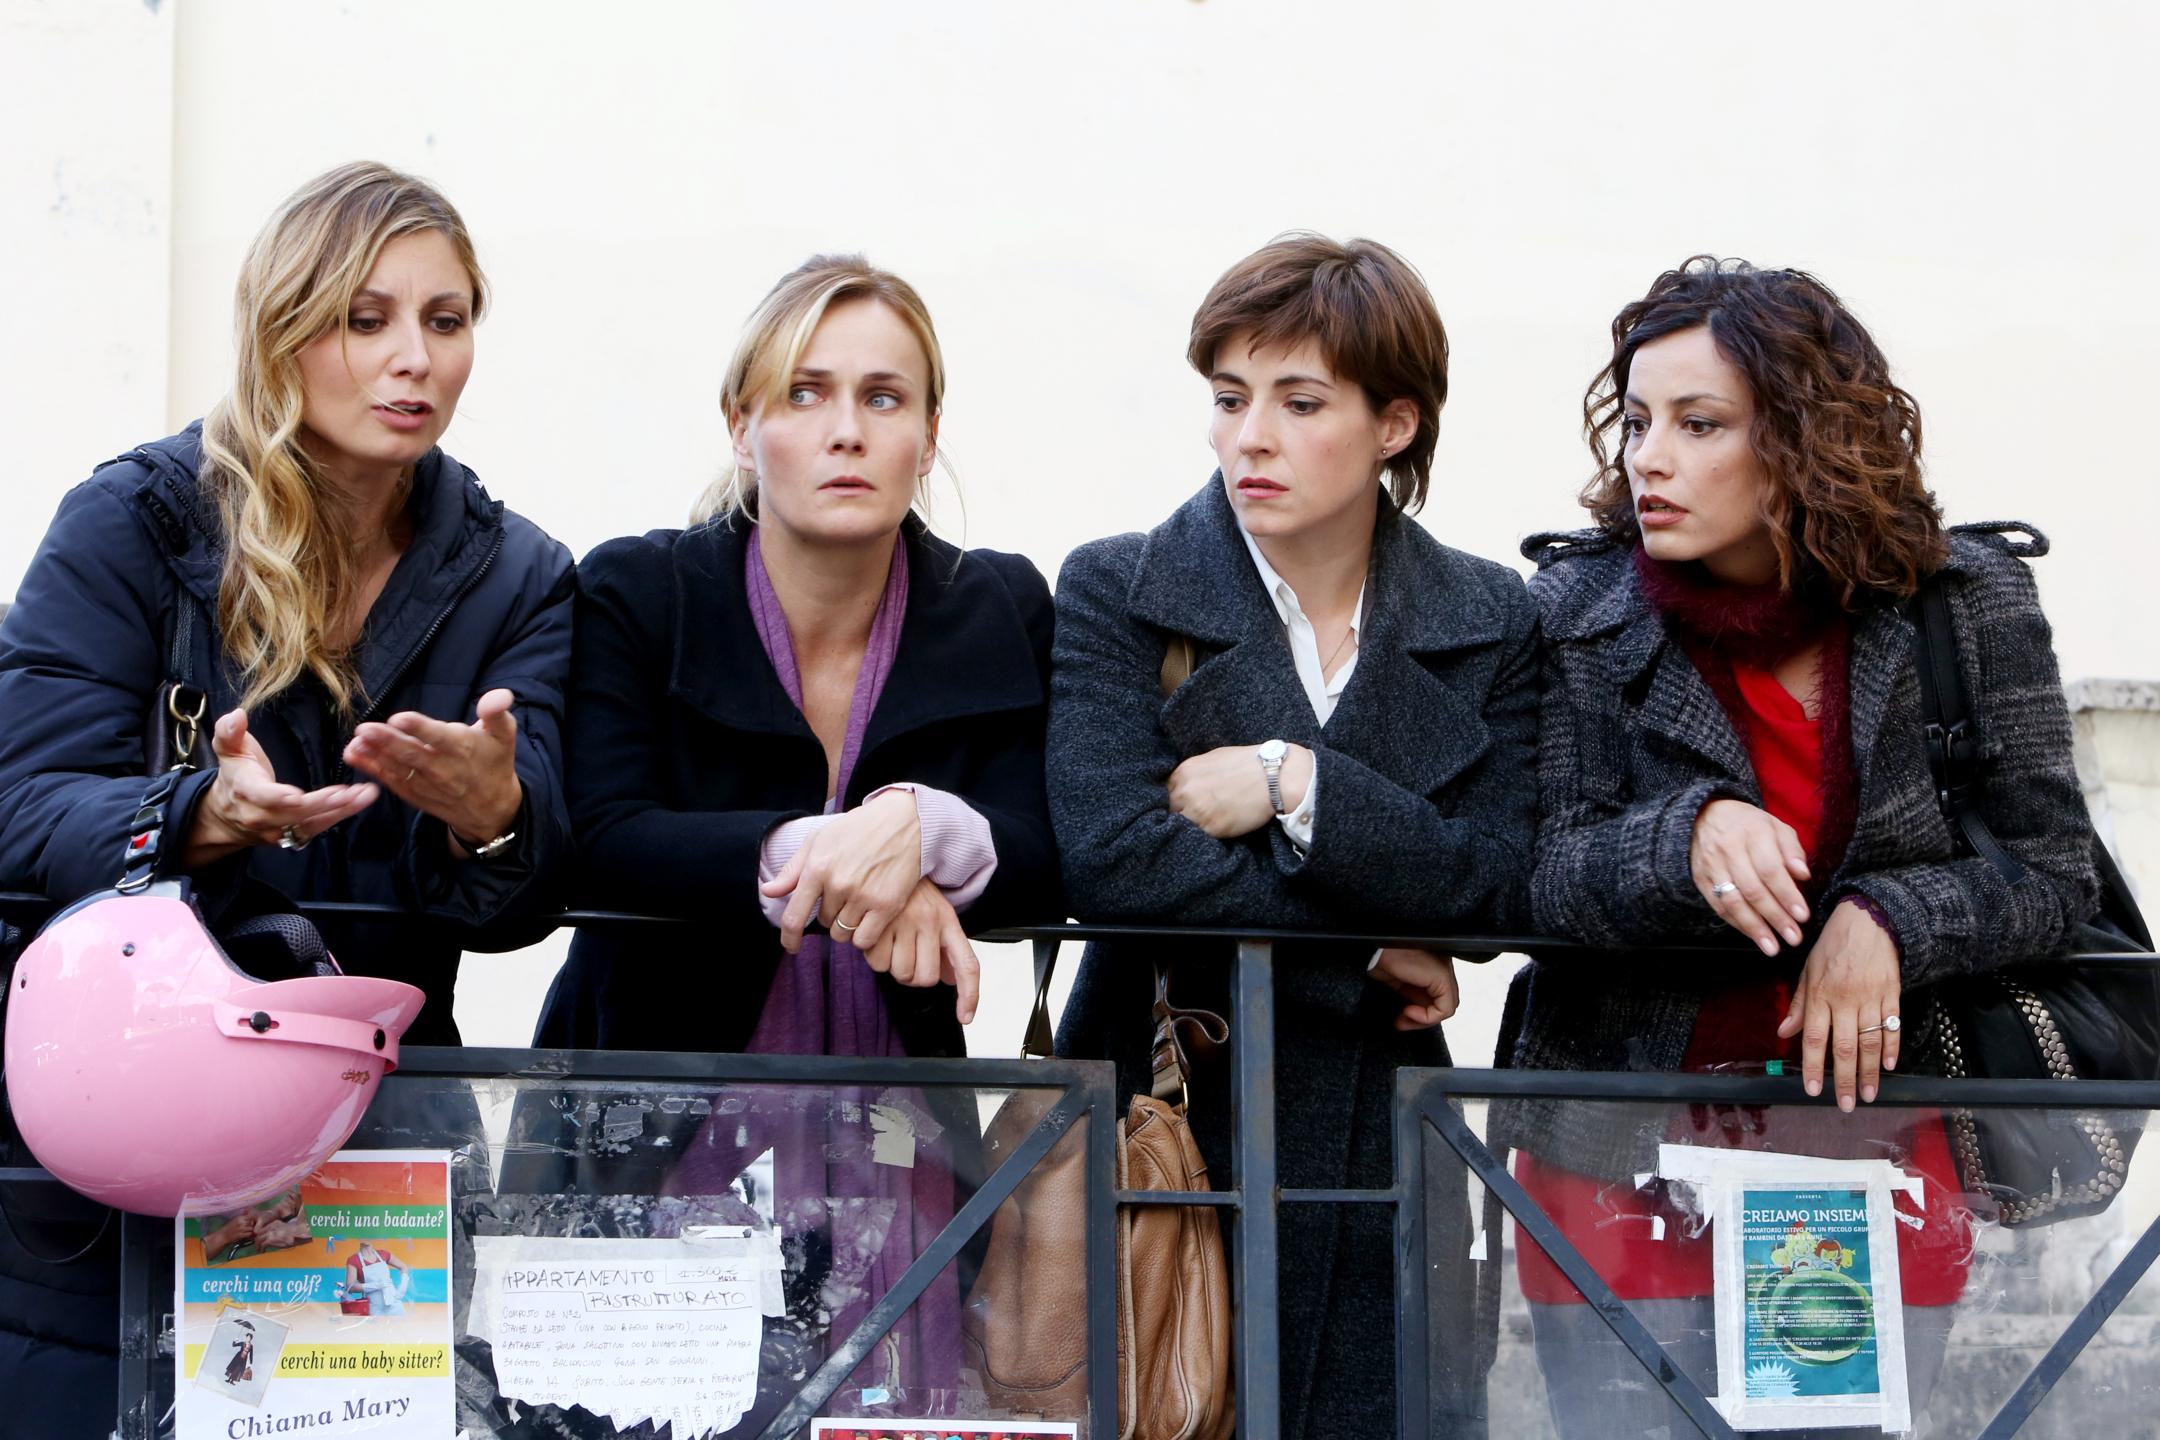 Lucia Mascino, Maria Sciarappa, Alessia Barela, Anna Ferzetti, Vanessa Compagnucci